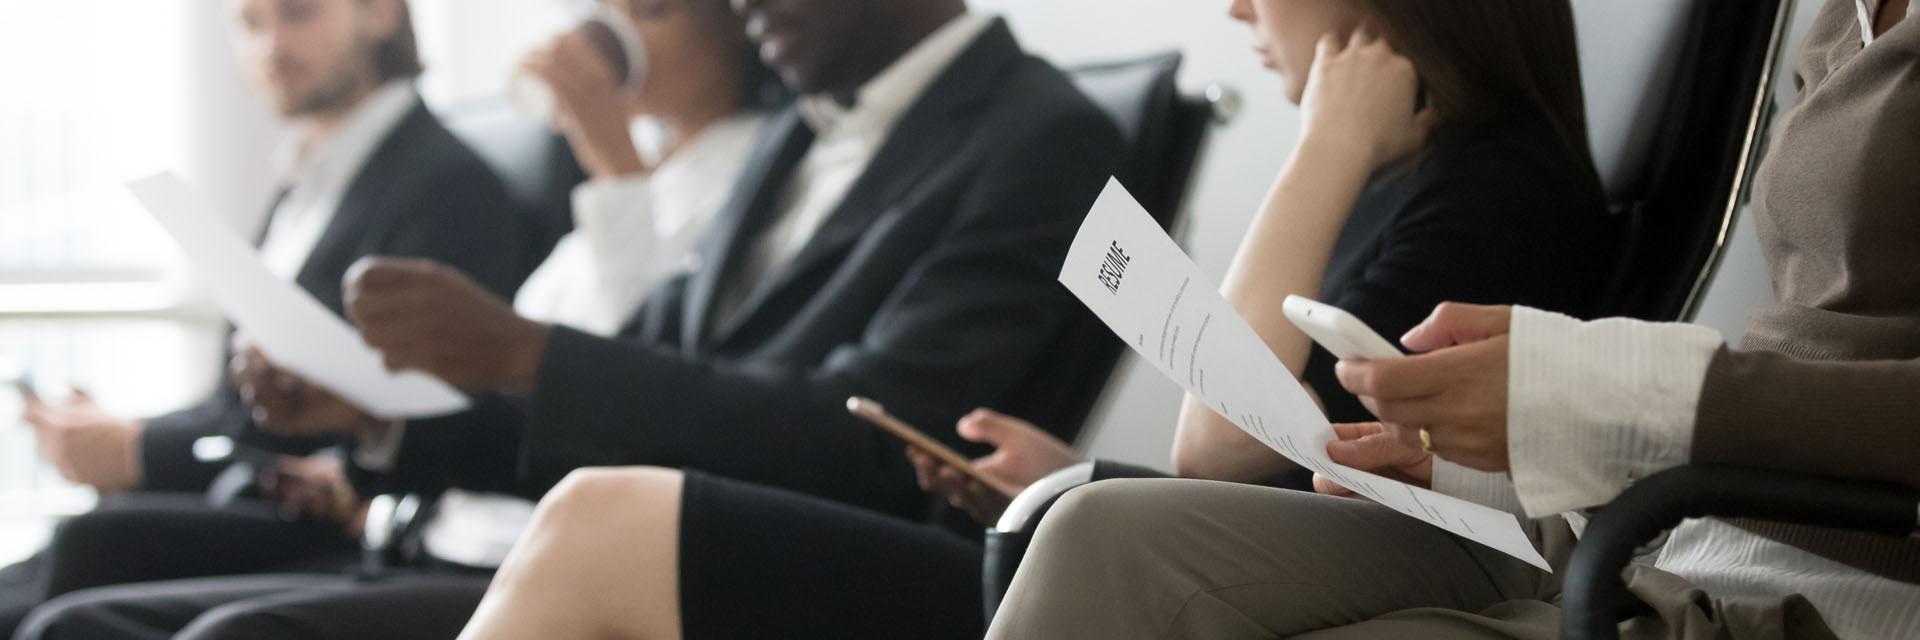 Bilde av en gruppe mennesker som skal på jobbintervju